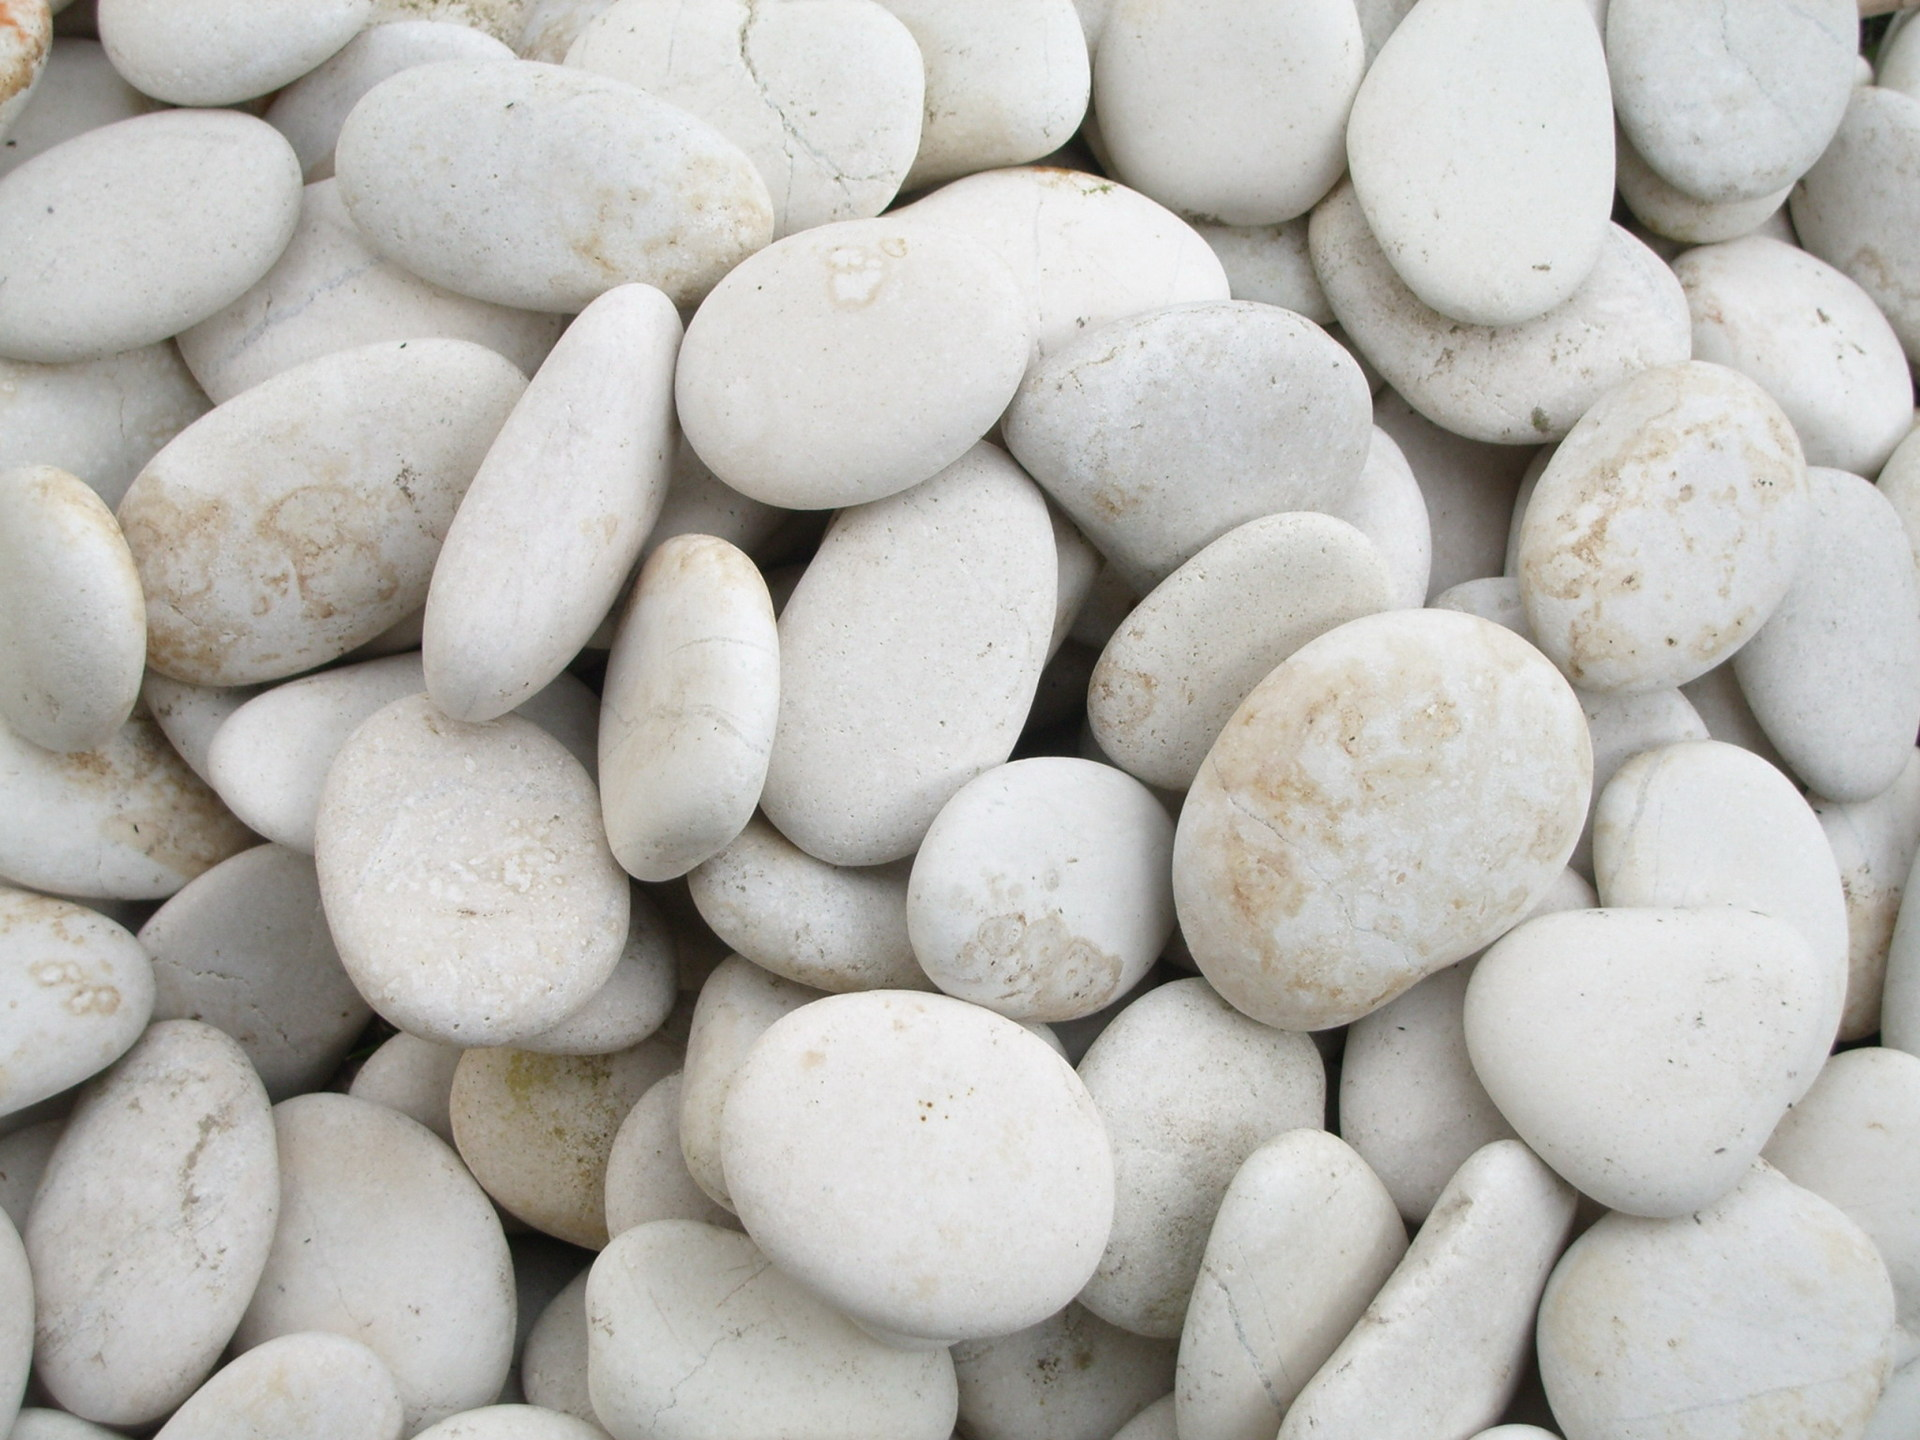 stones-1408086-1920x1440